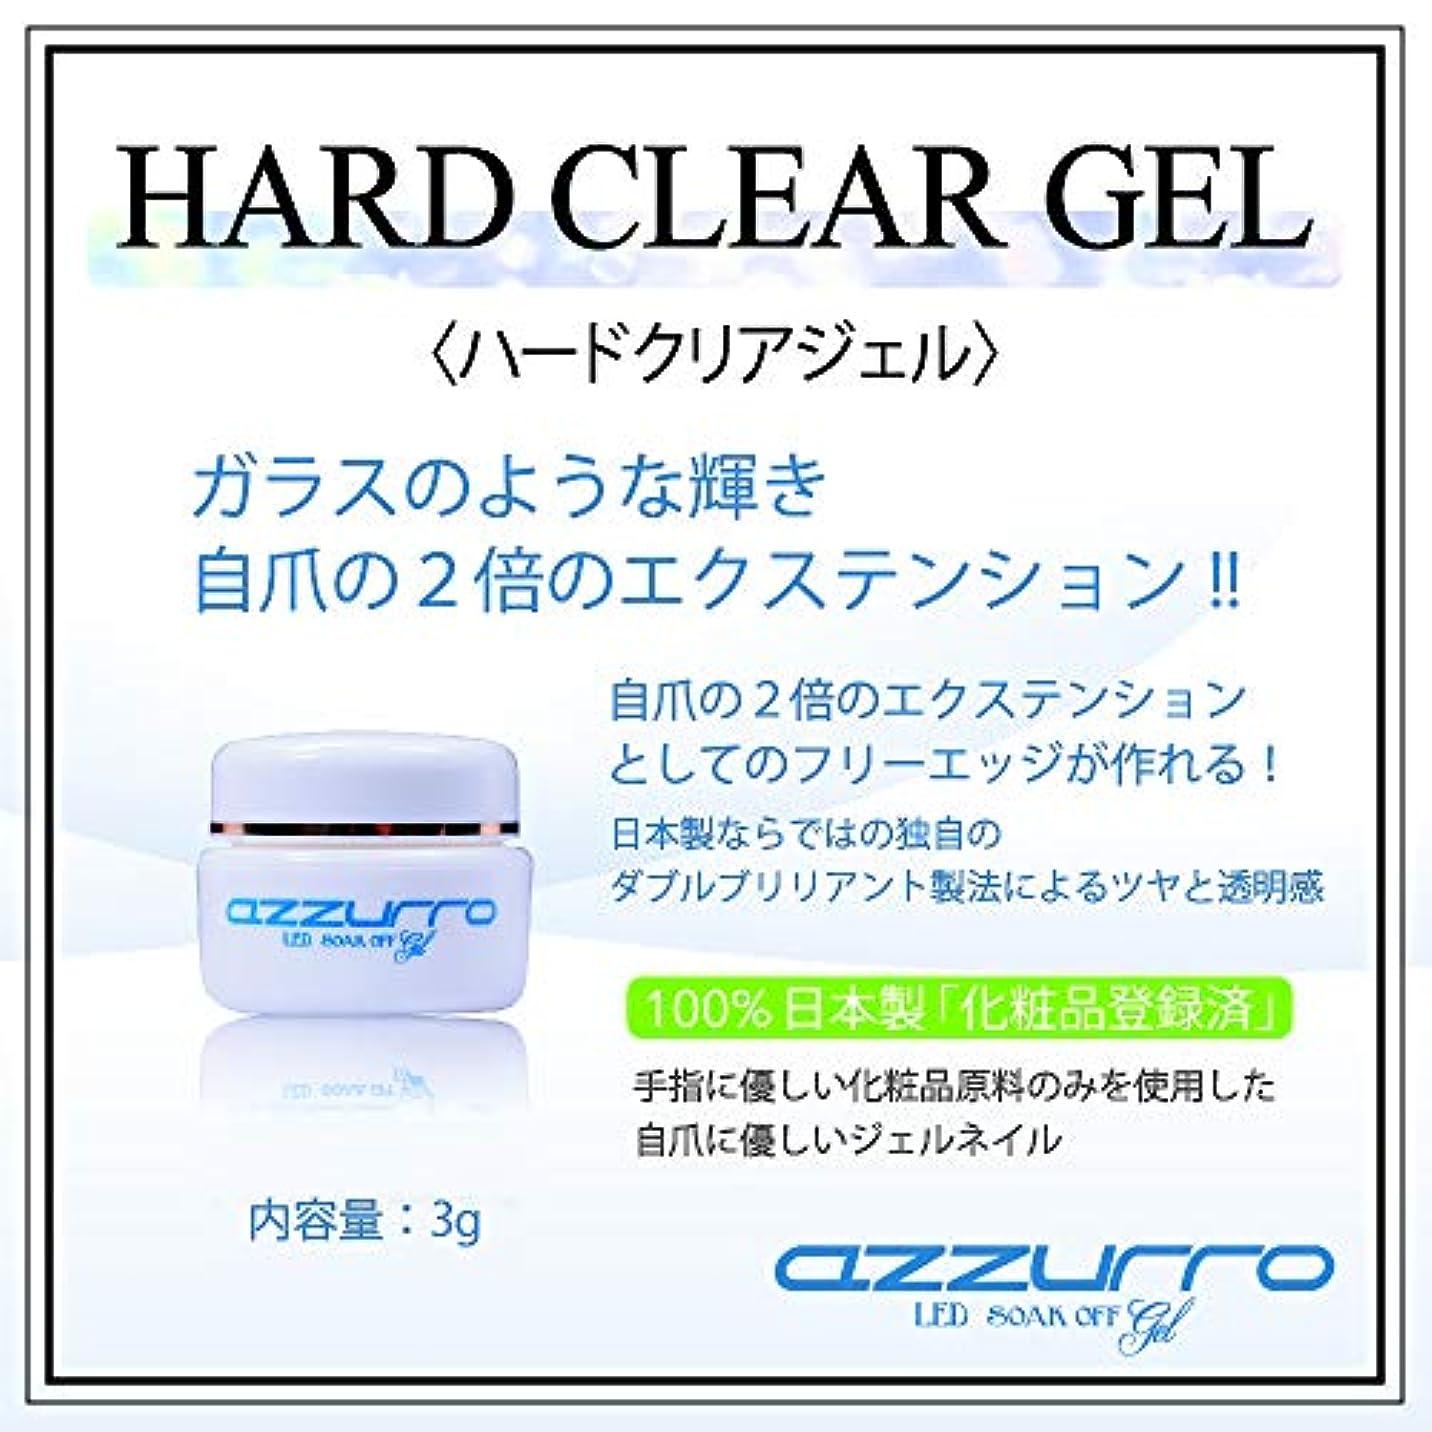 フリンジ割る皮肉azzurro gel アッズーロハードクリアージェル 3g ツヤツヤ キラキラ感持続 抜群のツヤ